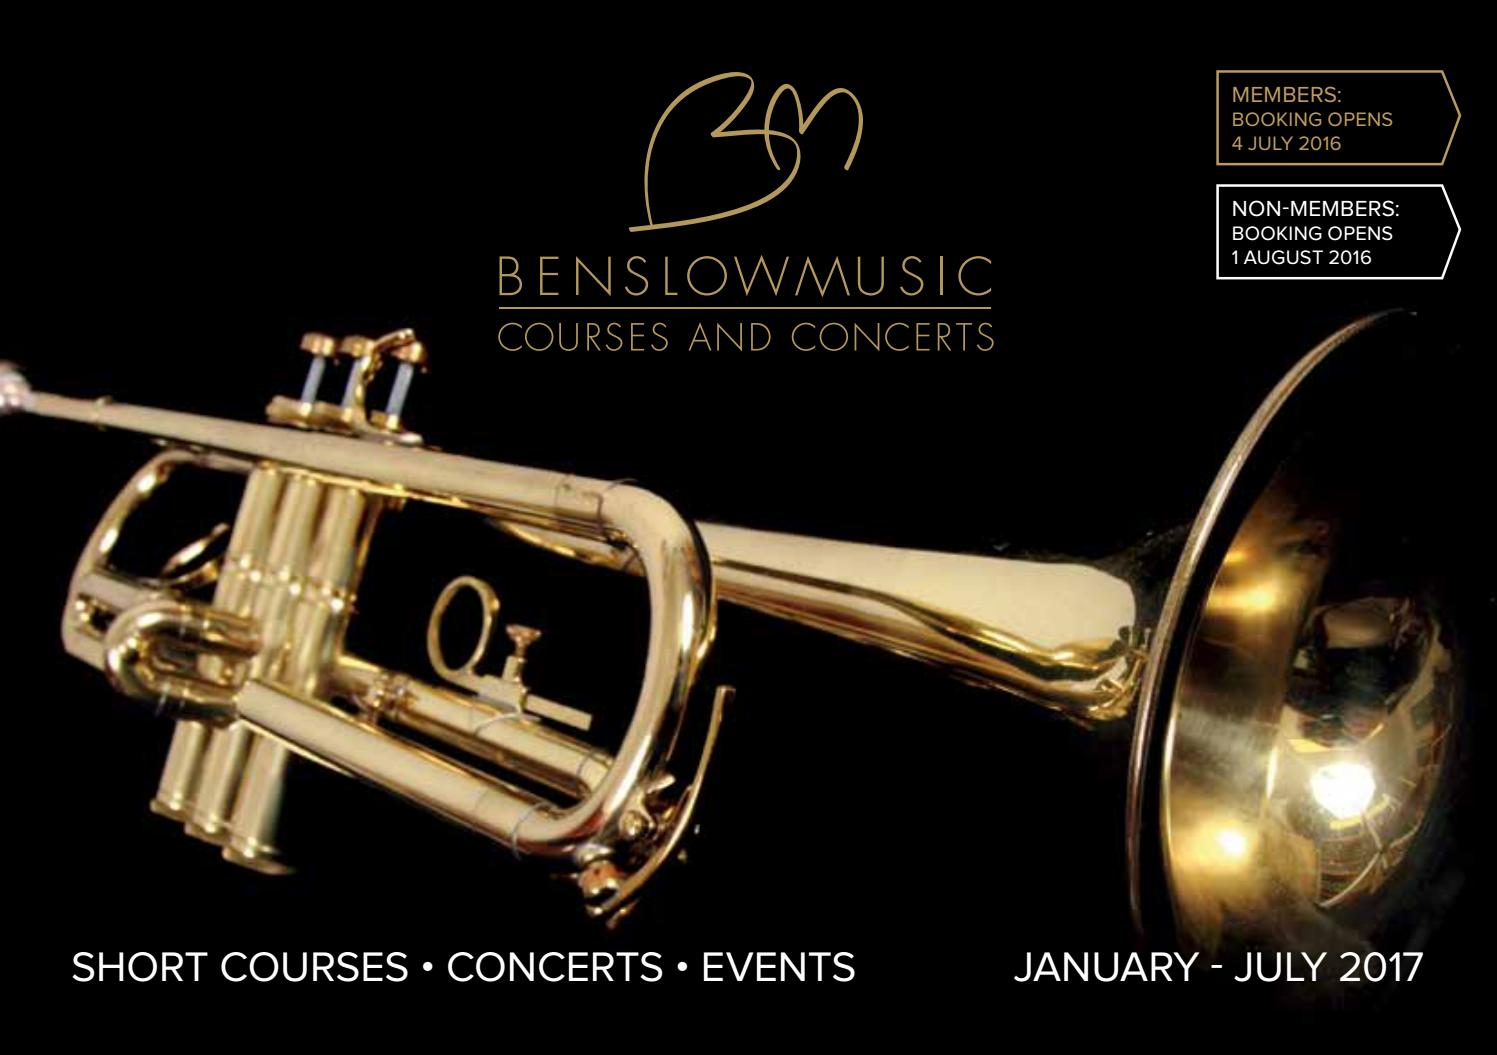 Benslow Music Course Brochure Jan-Jul 2017 by Benslow Music